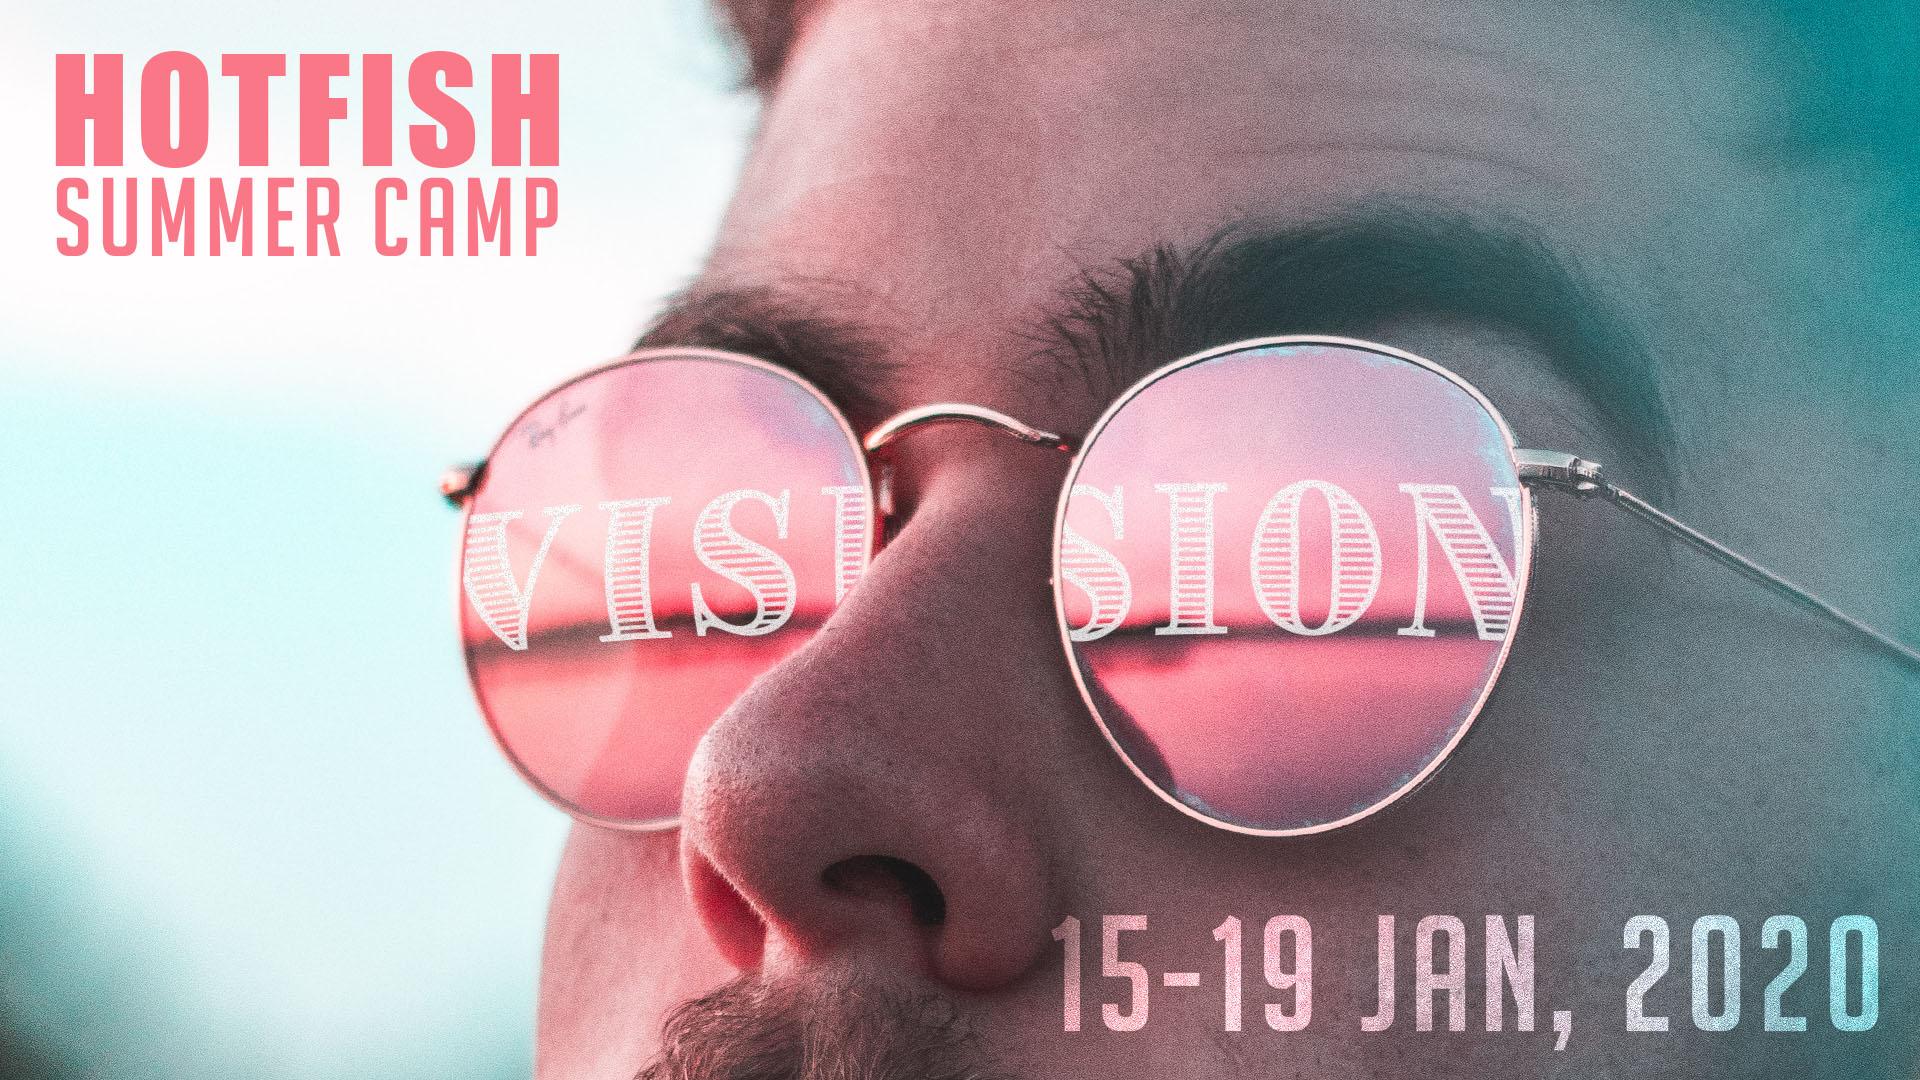 Hotfish Summer Camp, 15-19 Jan 2020